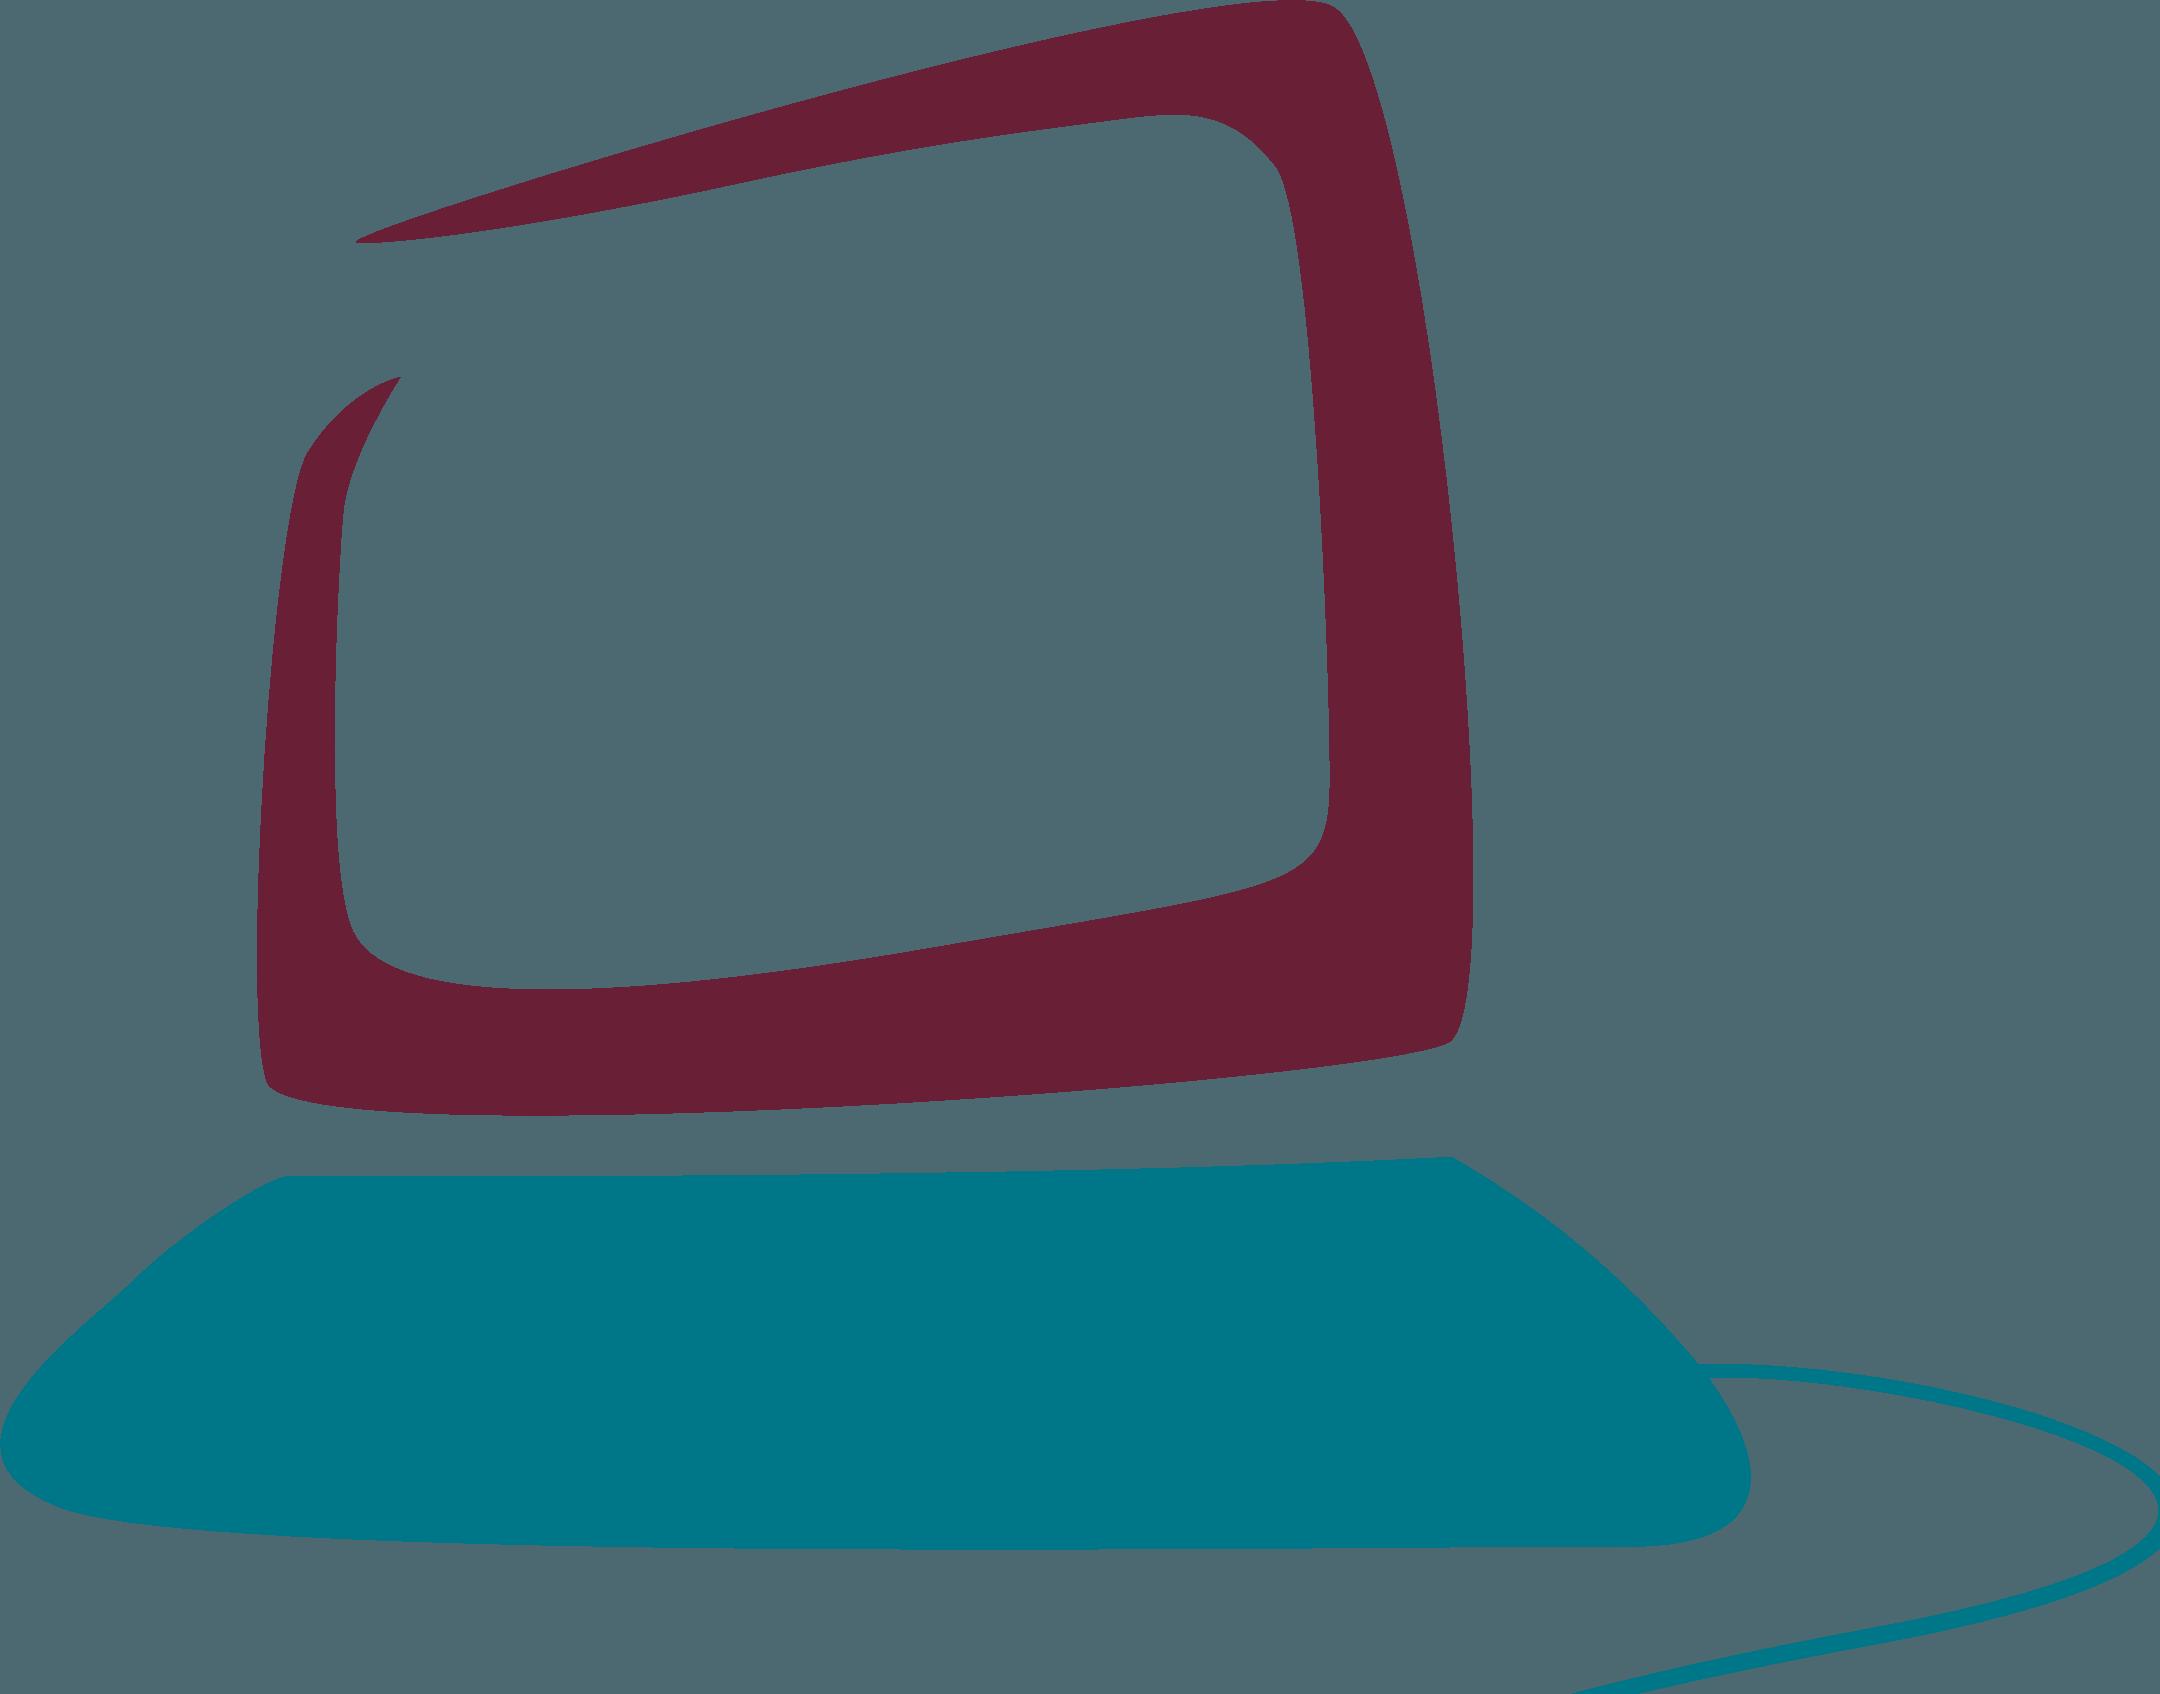 computer-logos